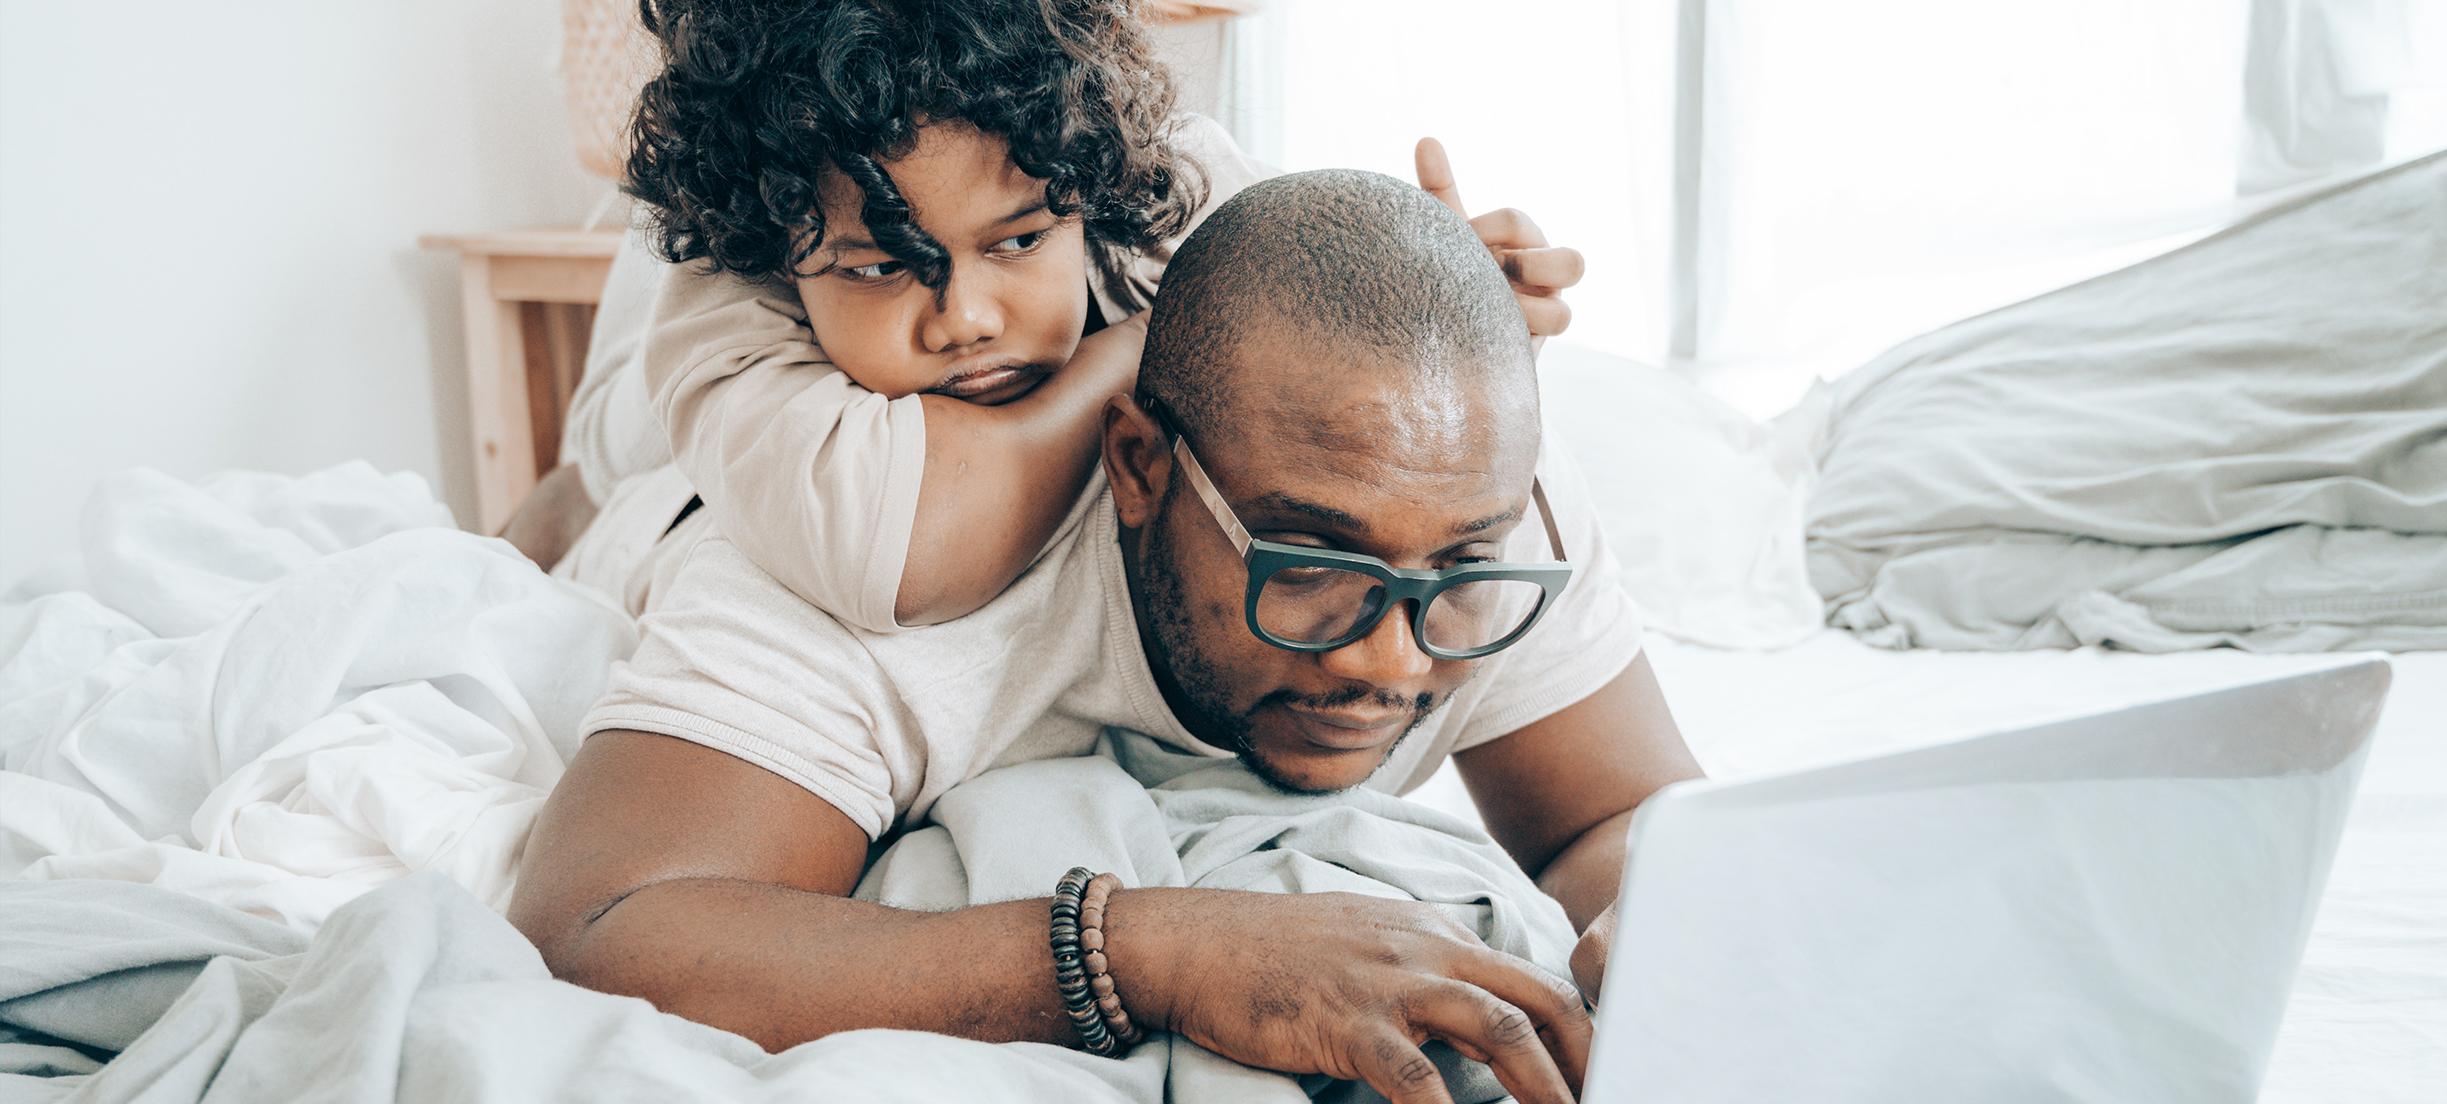 De dag in vooruitgang: Dit zijn de beste (Thuis)Werkgevers, en meer